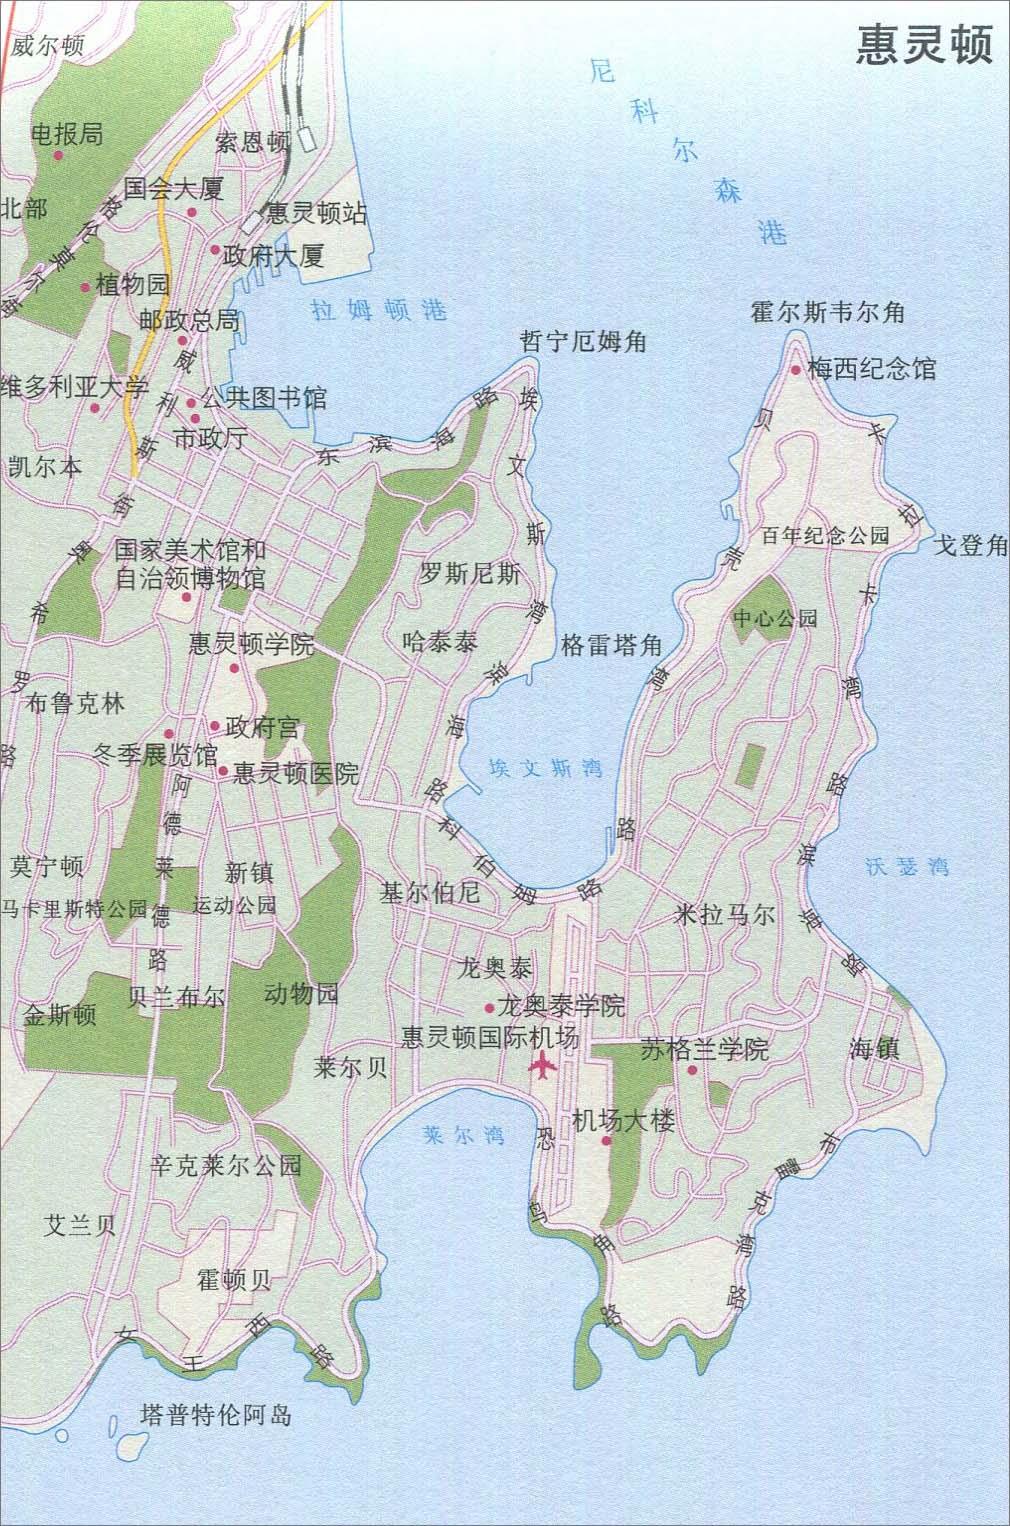 惠灵顿城区旅游地图_新西兰地图库